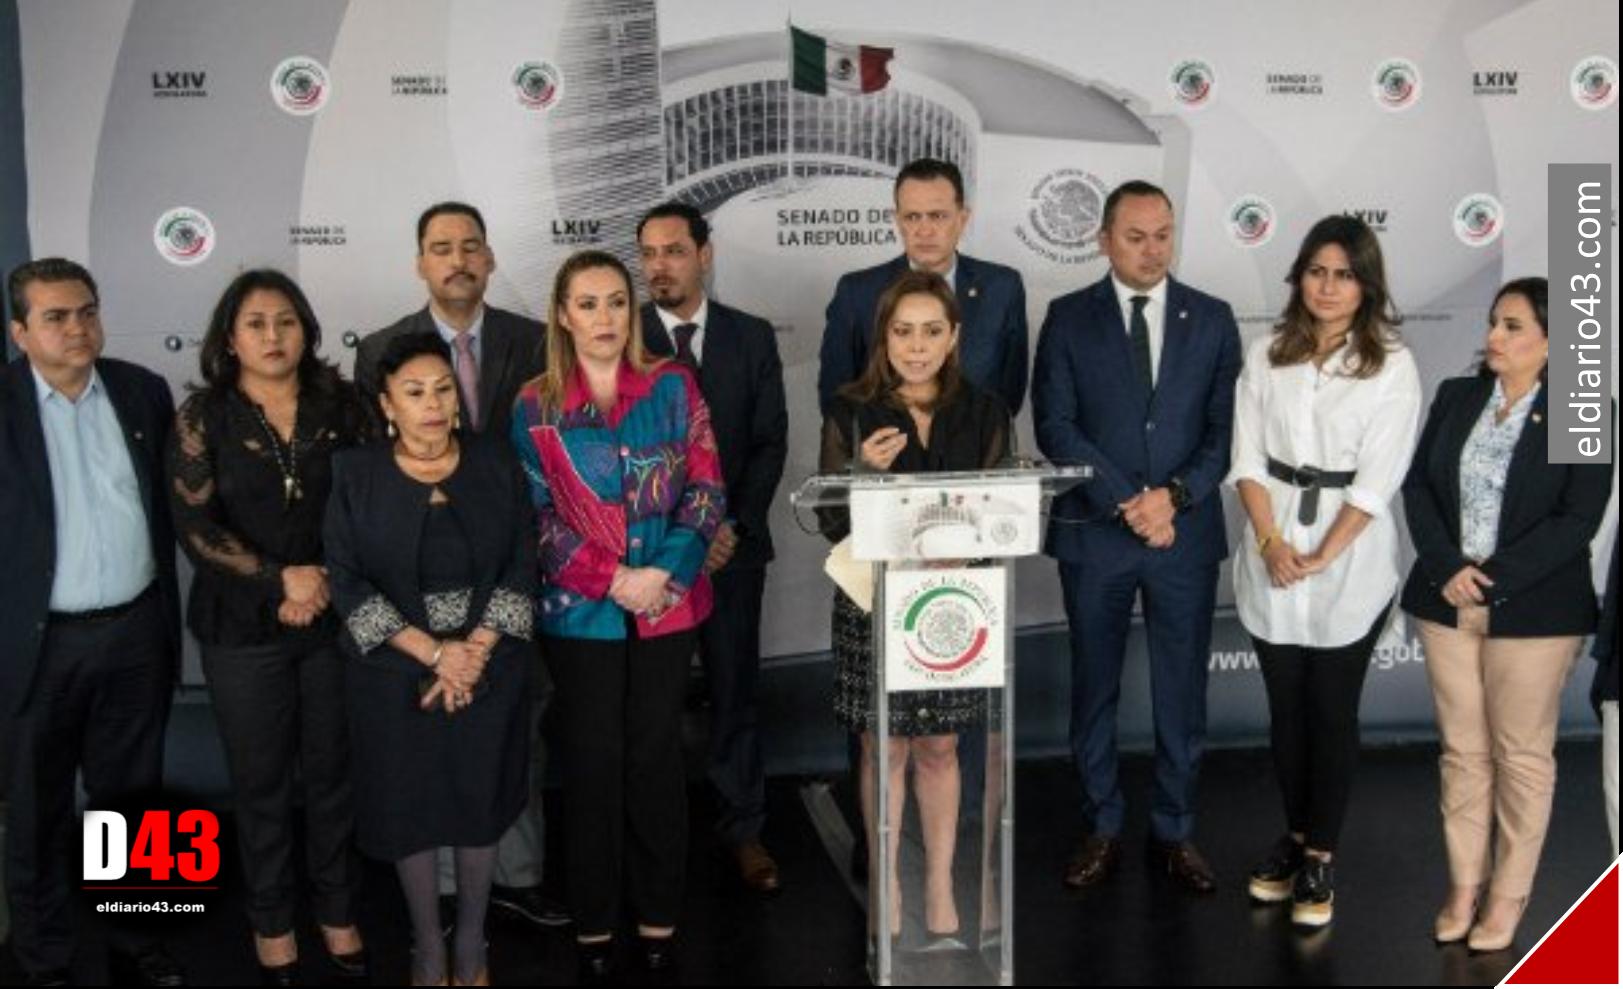 Memorándum de López Obrador viola la Constitución, acusan senadores del PAN